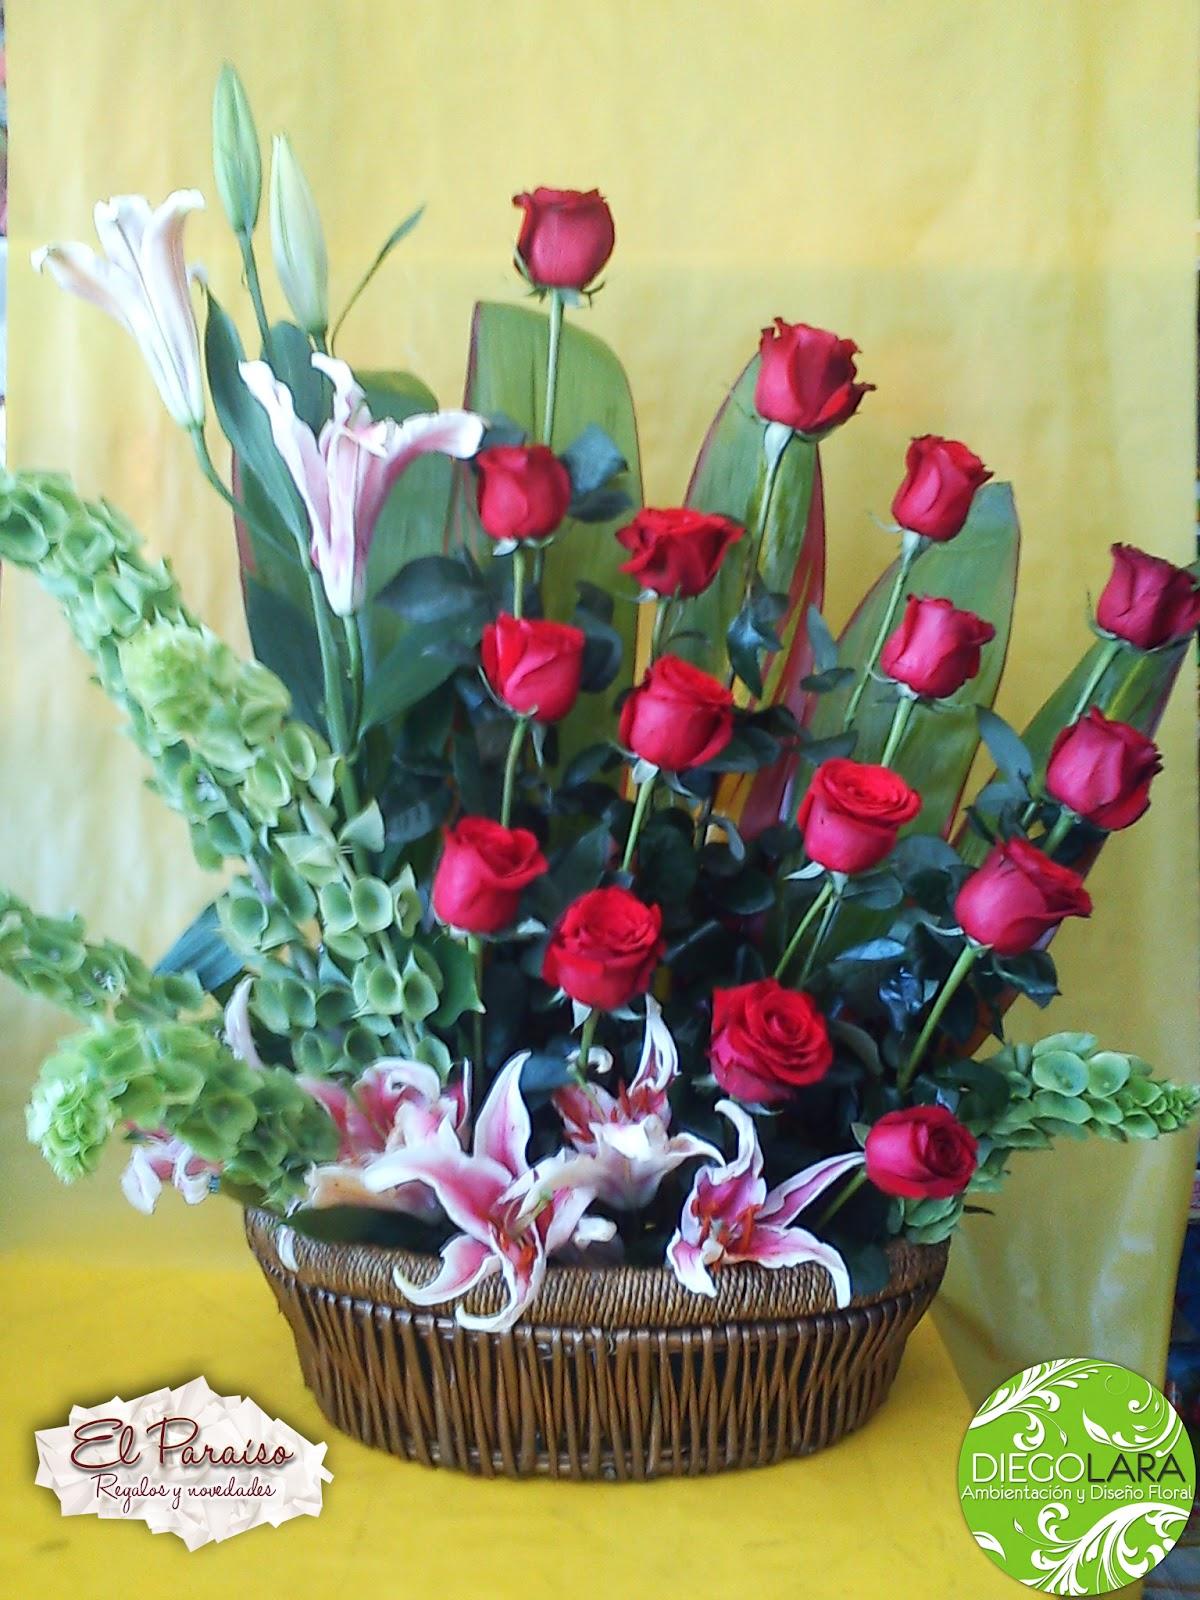 Arreglos Florales Grandes en Pinterest Flores De La  - Imagenes De Arreglos De Rosas Grandes